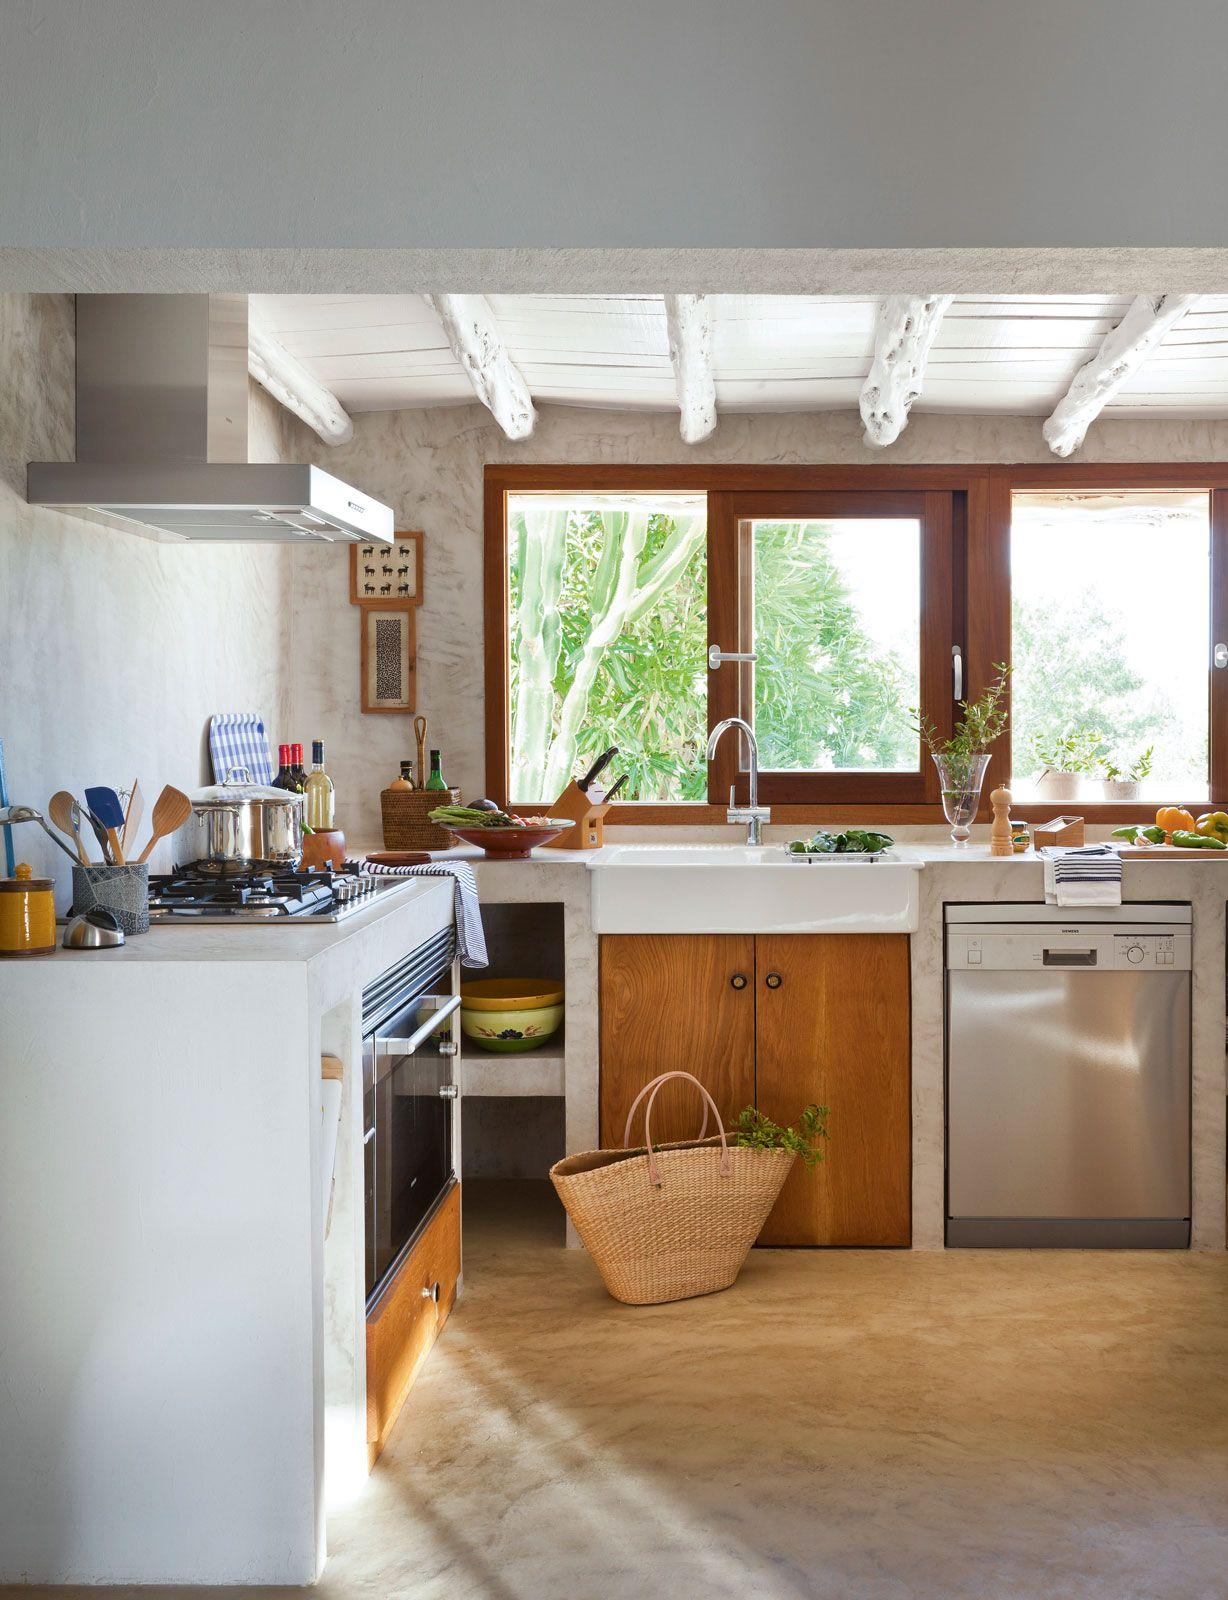 Badezimmer aus küchenideen lw cocina de estilo campestre con muebles de obra a medida y